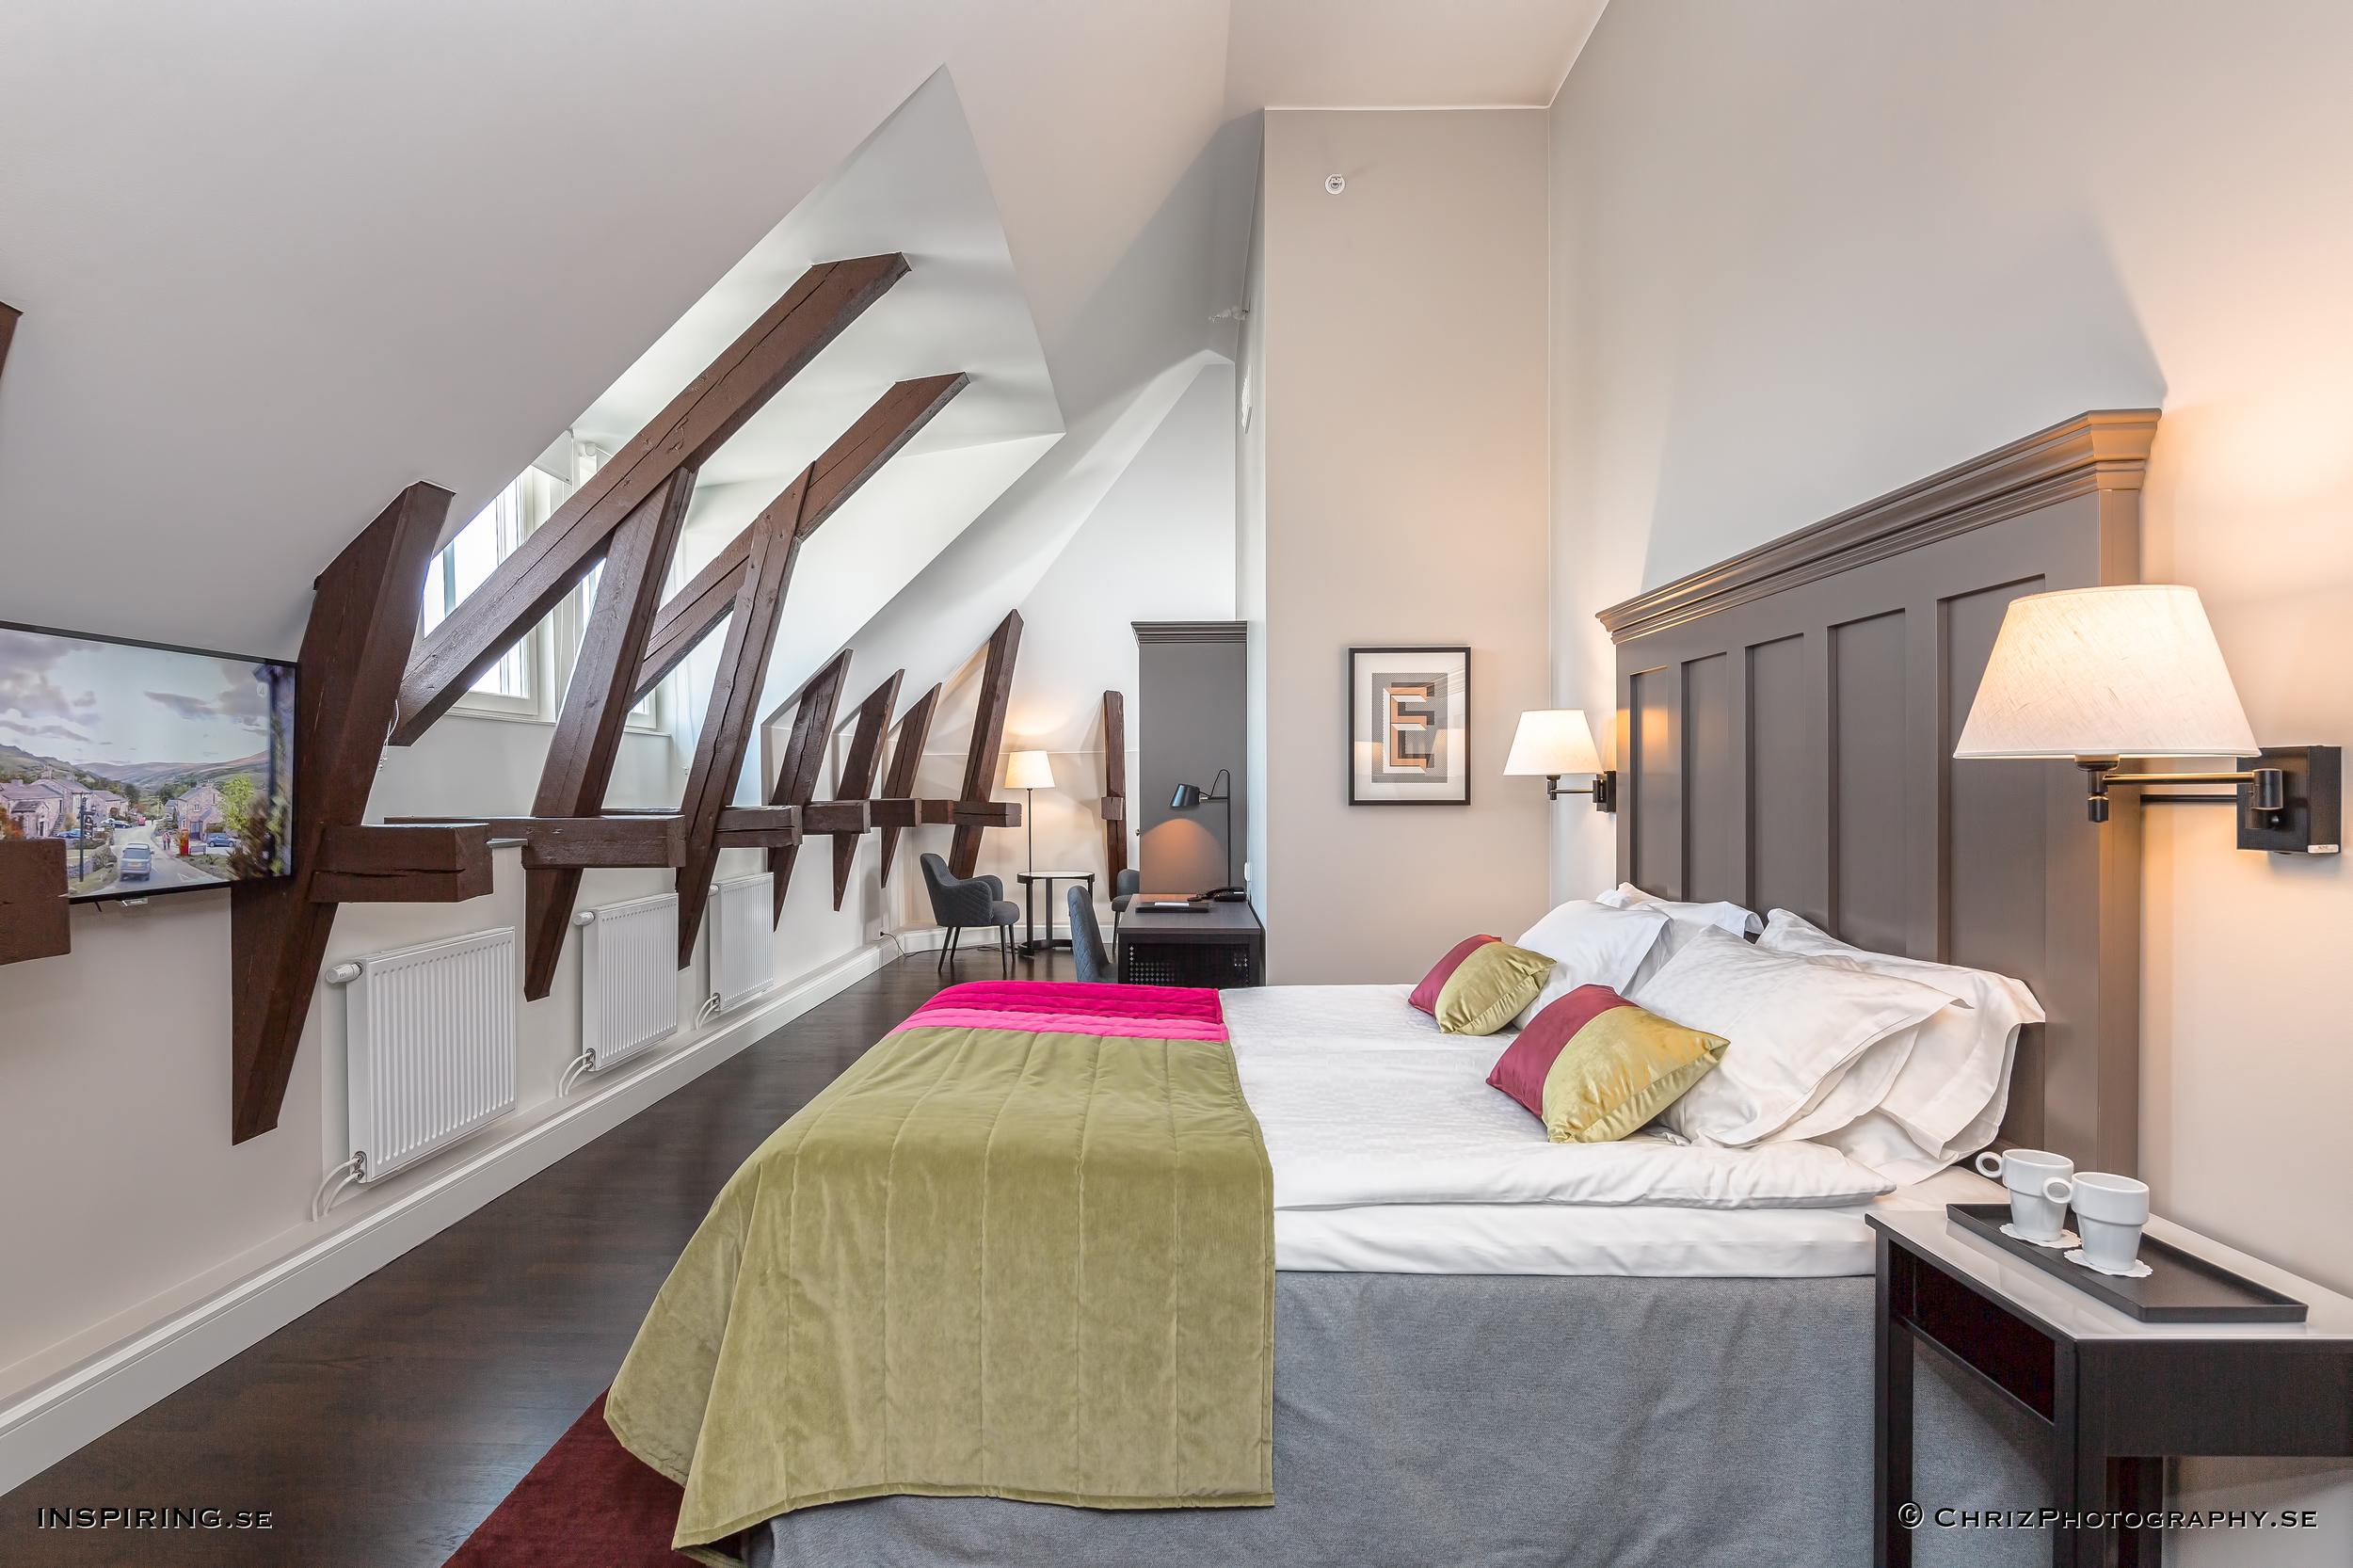 Elite_Hotel_Mimer_Inspiring.se_copyright_ChrizPhotography.se_18.jpg